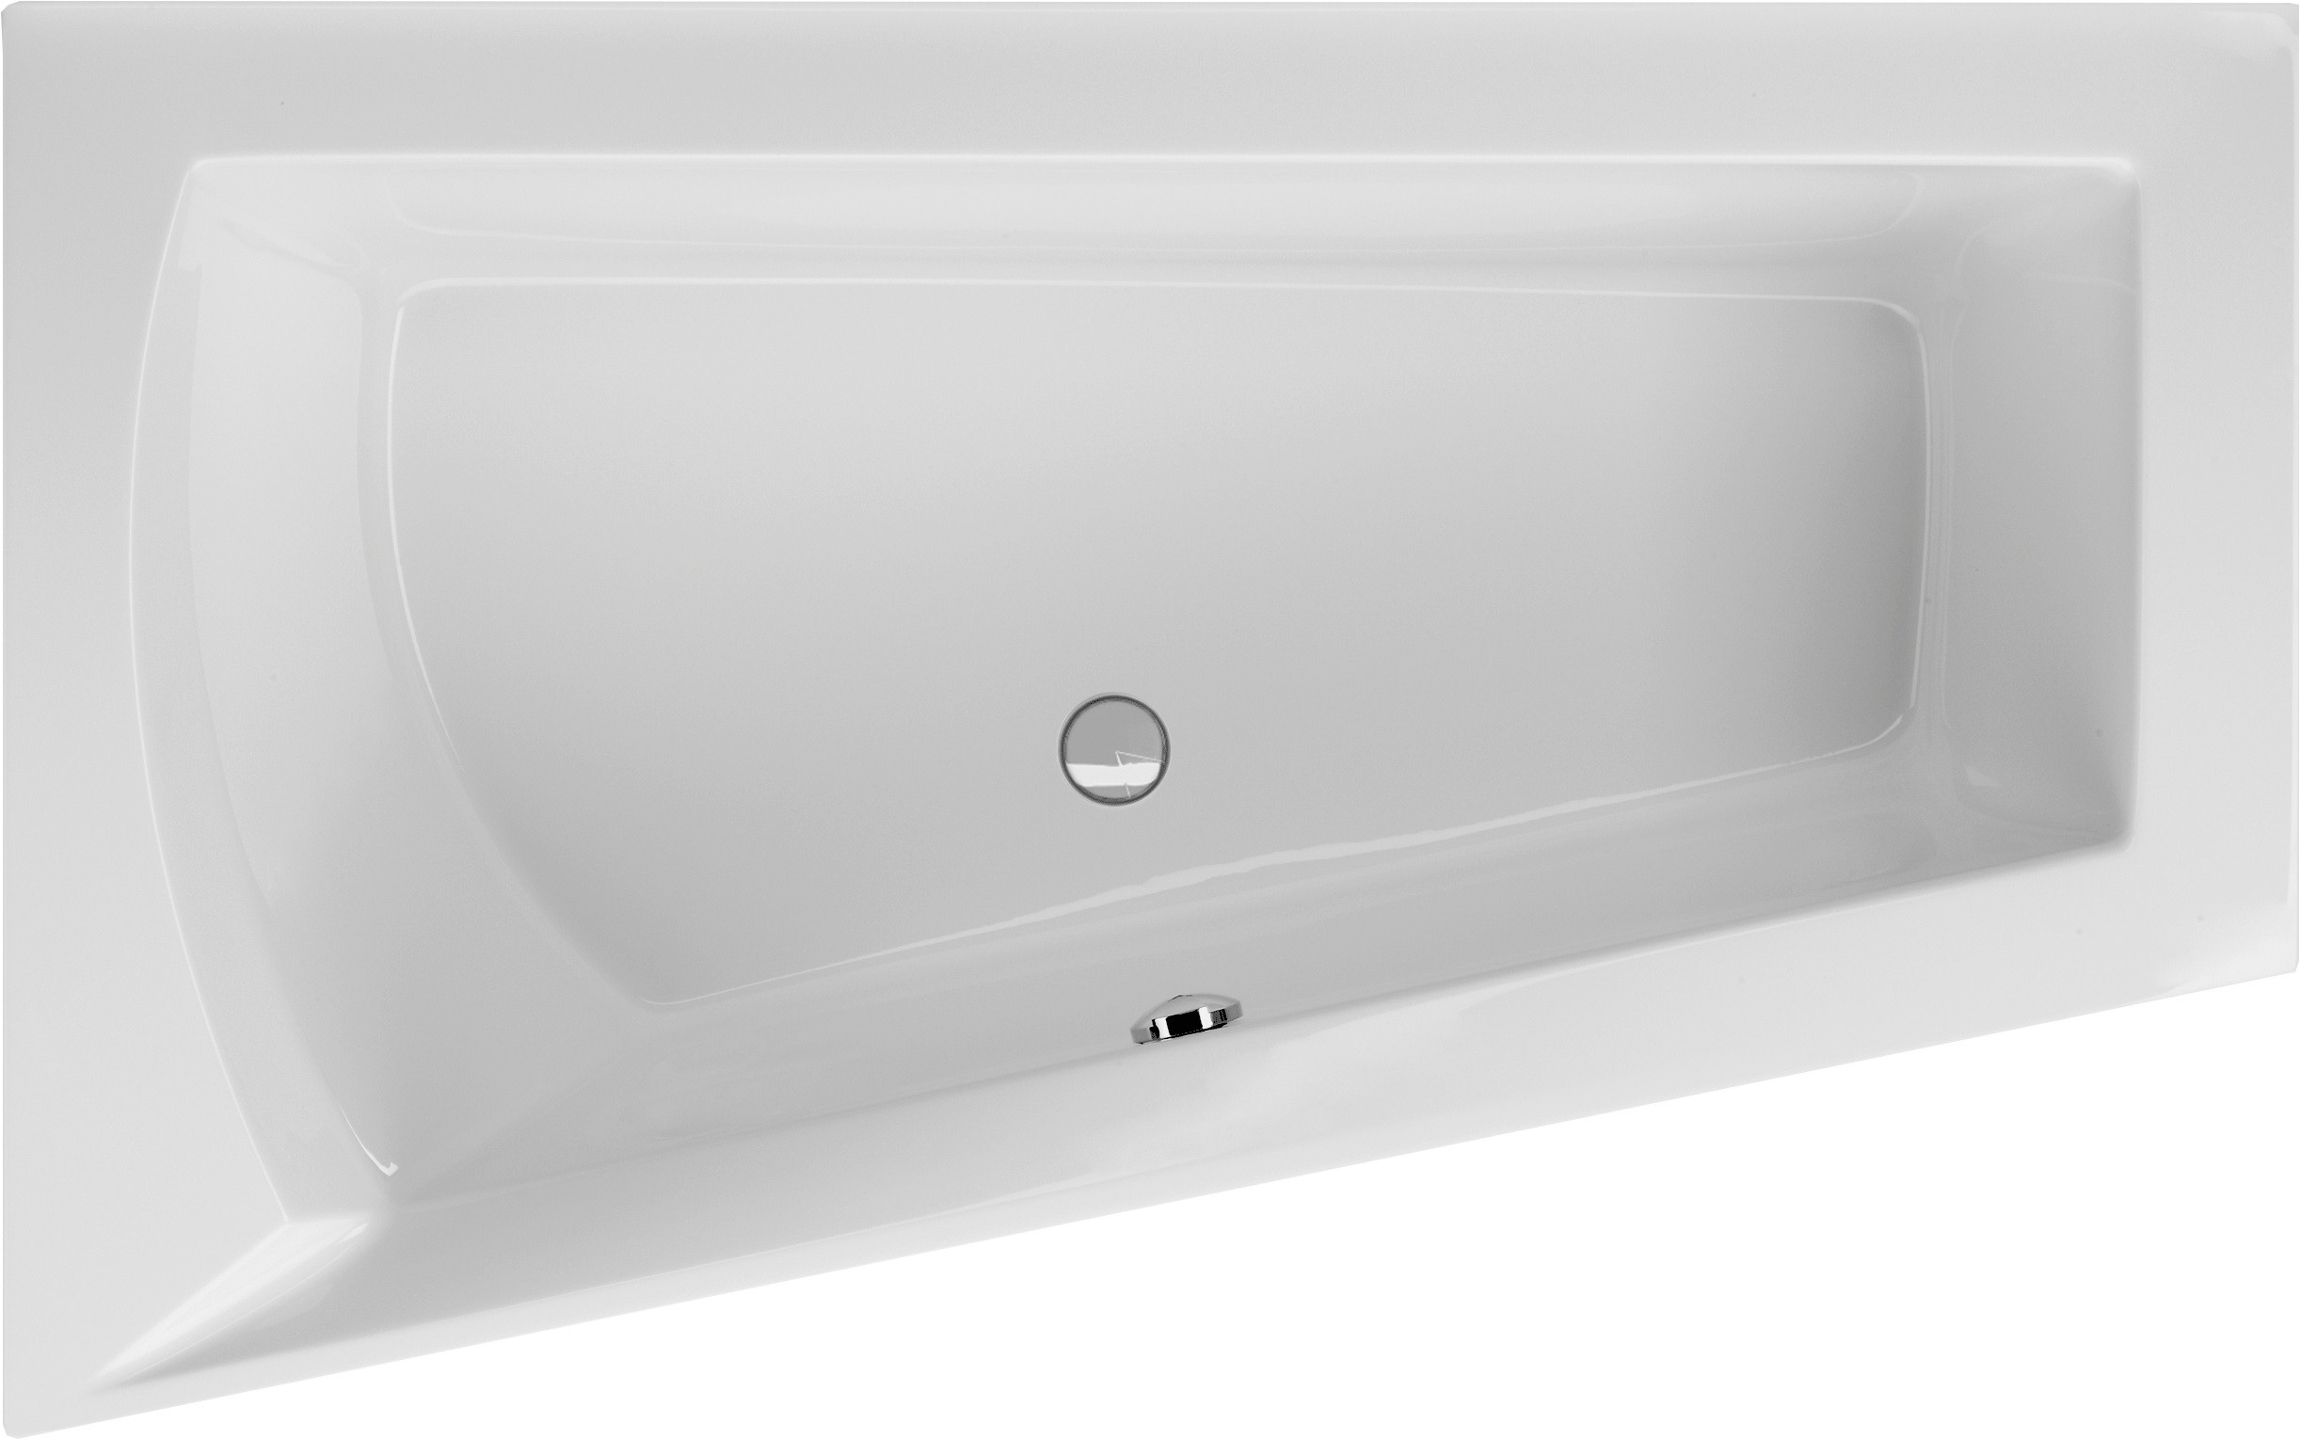 raumsparbadewanne 170 x 100 cm trapez badewanne ablauf mittig. Black Bedroom Furniture Sets. Home Design Ideas